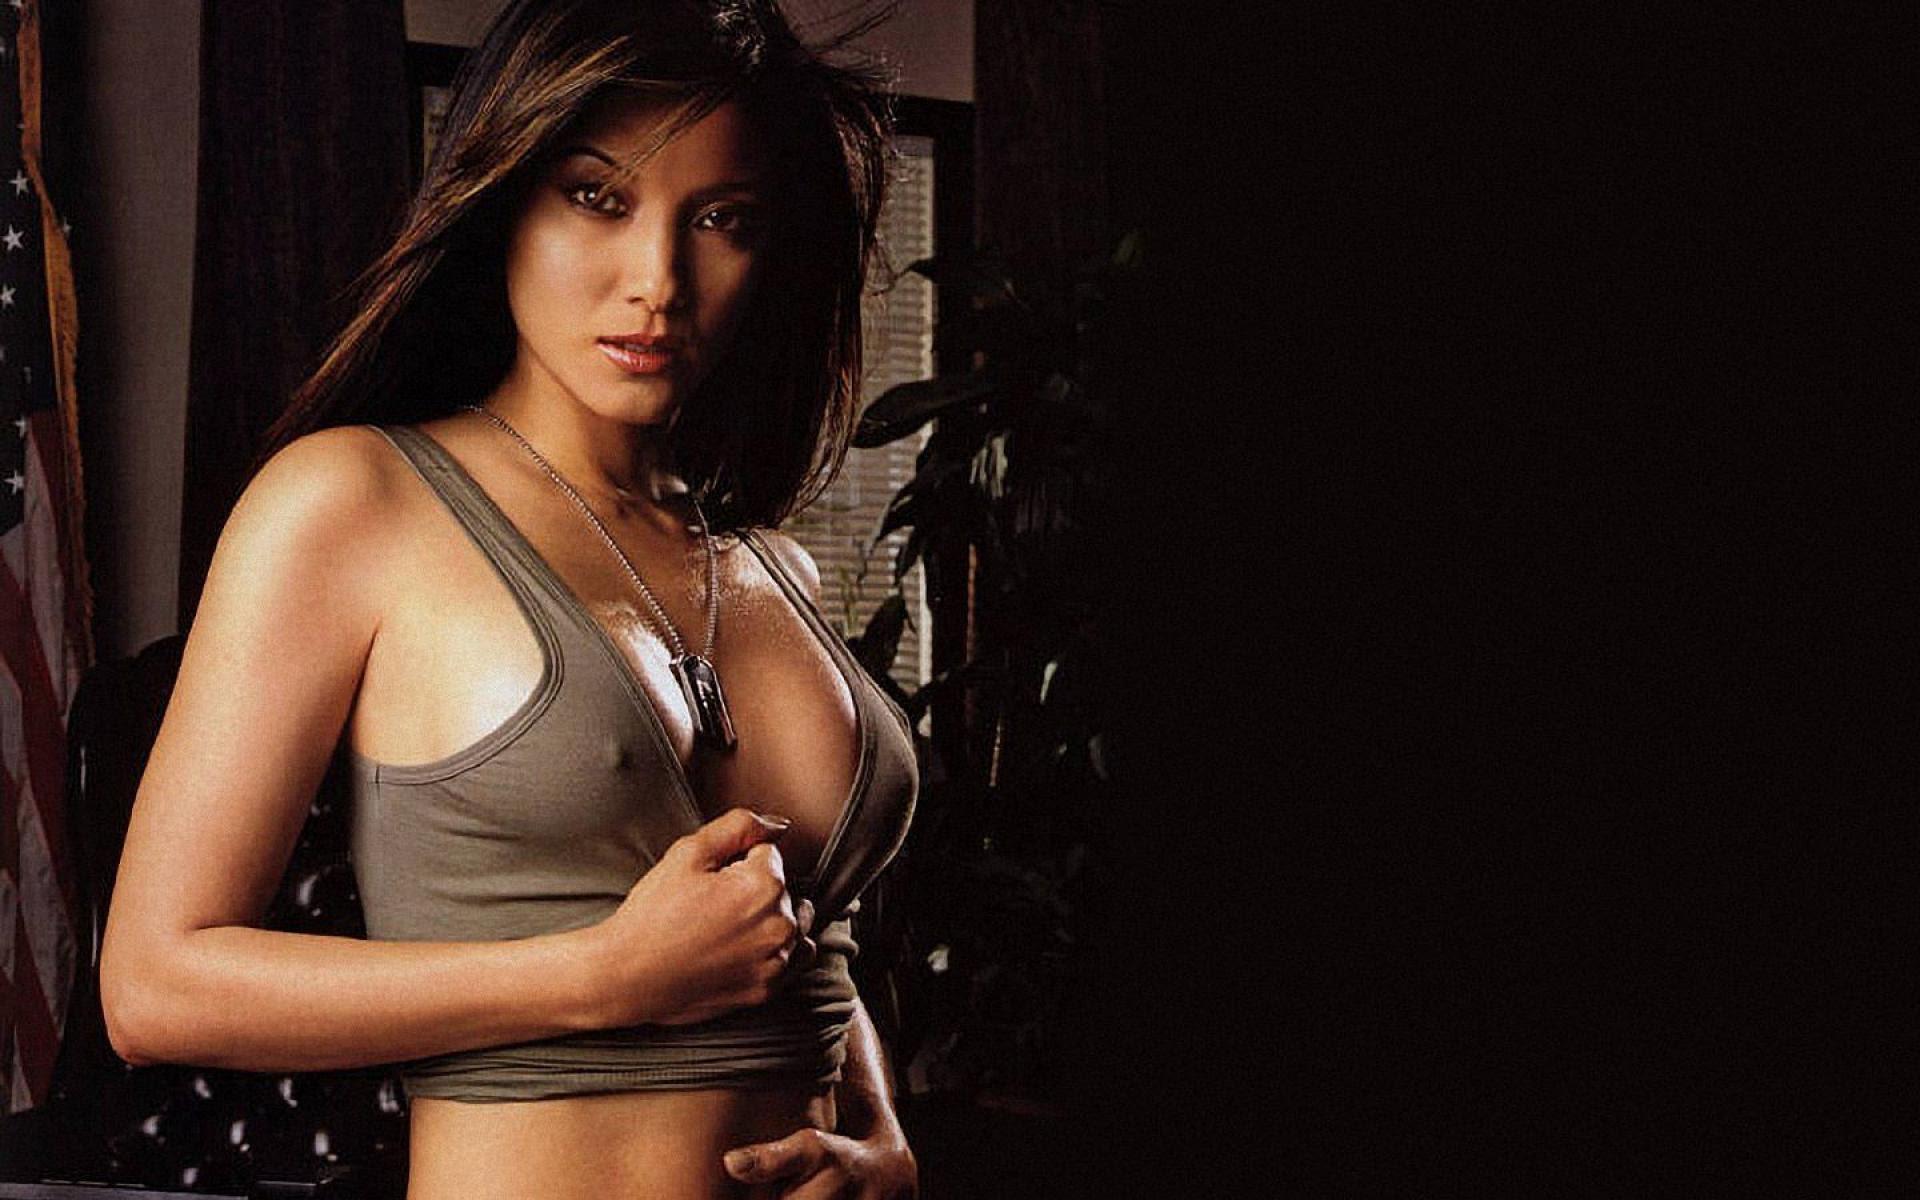 Kelly Hu Hd Wallpaper 1920x1200 20110